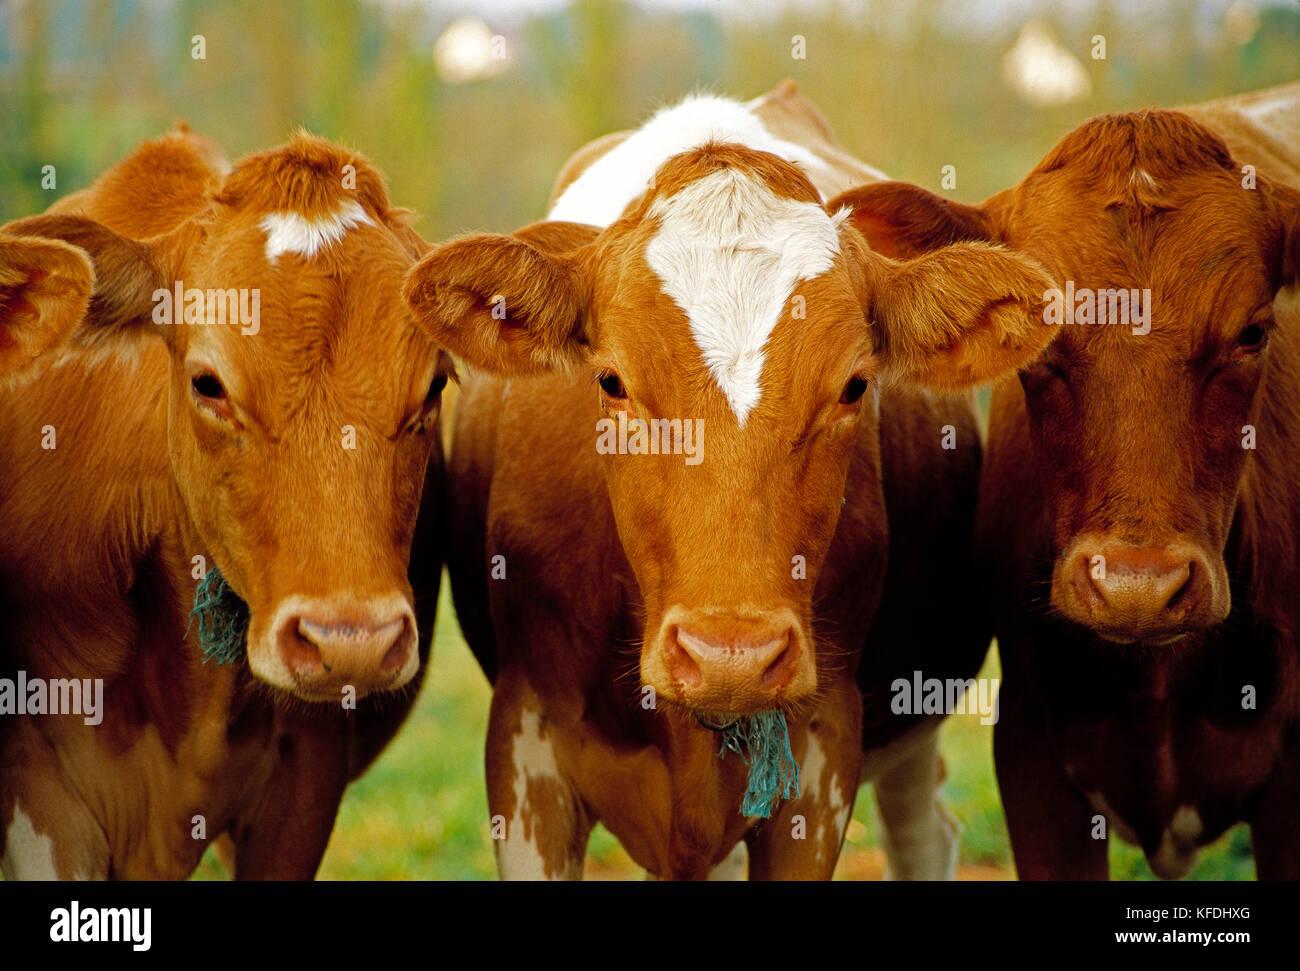 Agricoltura. bestiame. tre guernsey vacche da latte vicino. Immagini Stock